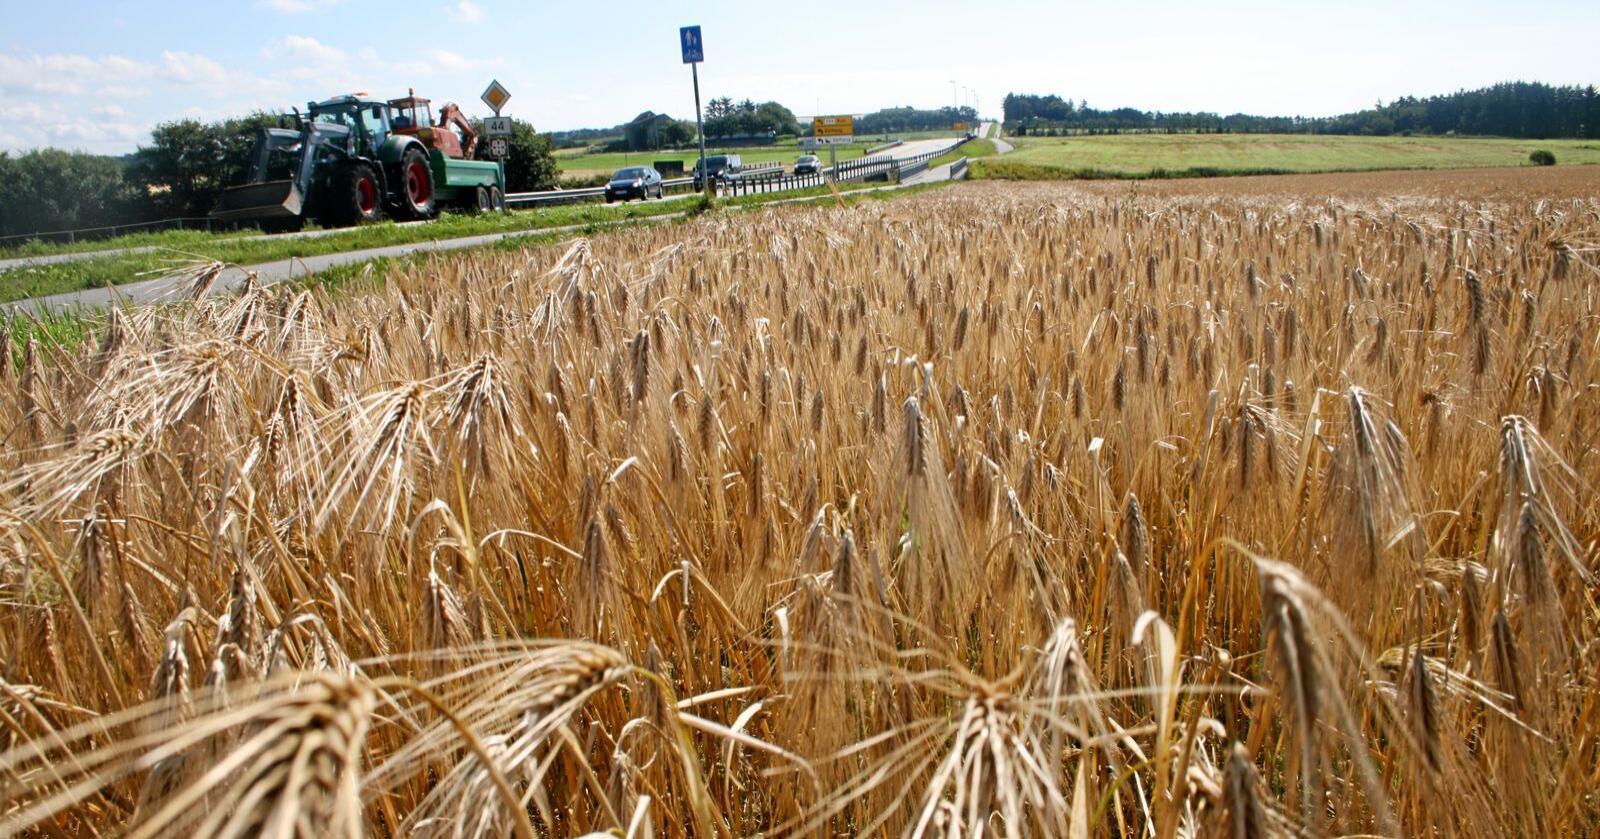 Berekraftig: Jordvern, optimal bruk av matjorda og gode avlingar blir av Nibio trekt fram som eit berekraftig svar både på klimautfordringane og risikoen for global svikt i matproduksjonen. Foto: Bjarne Bekkeheien Aase